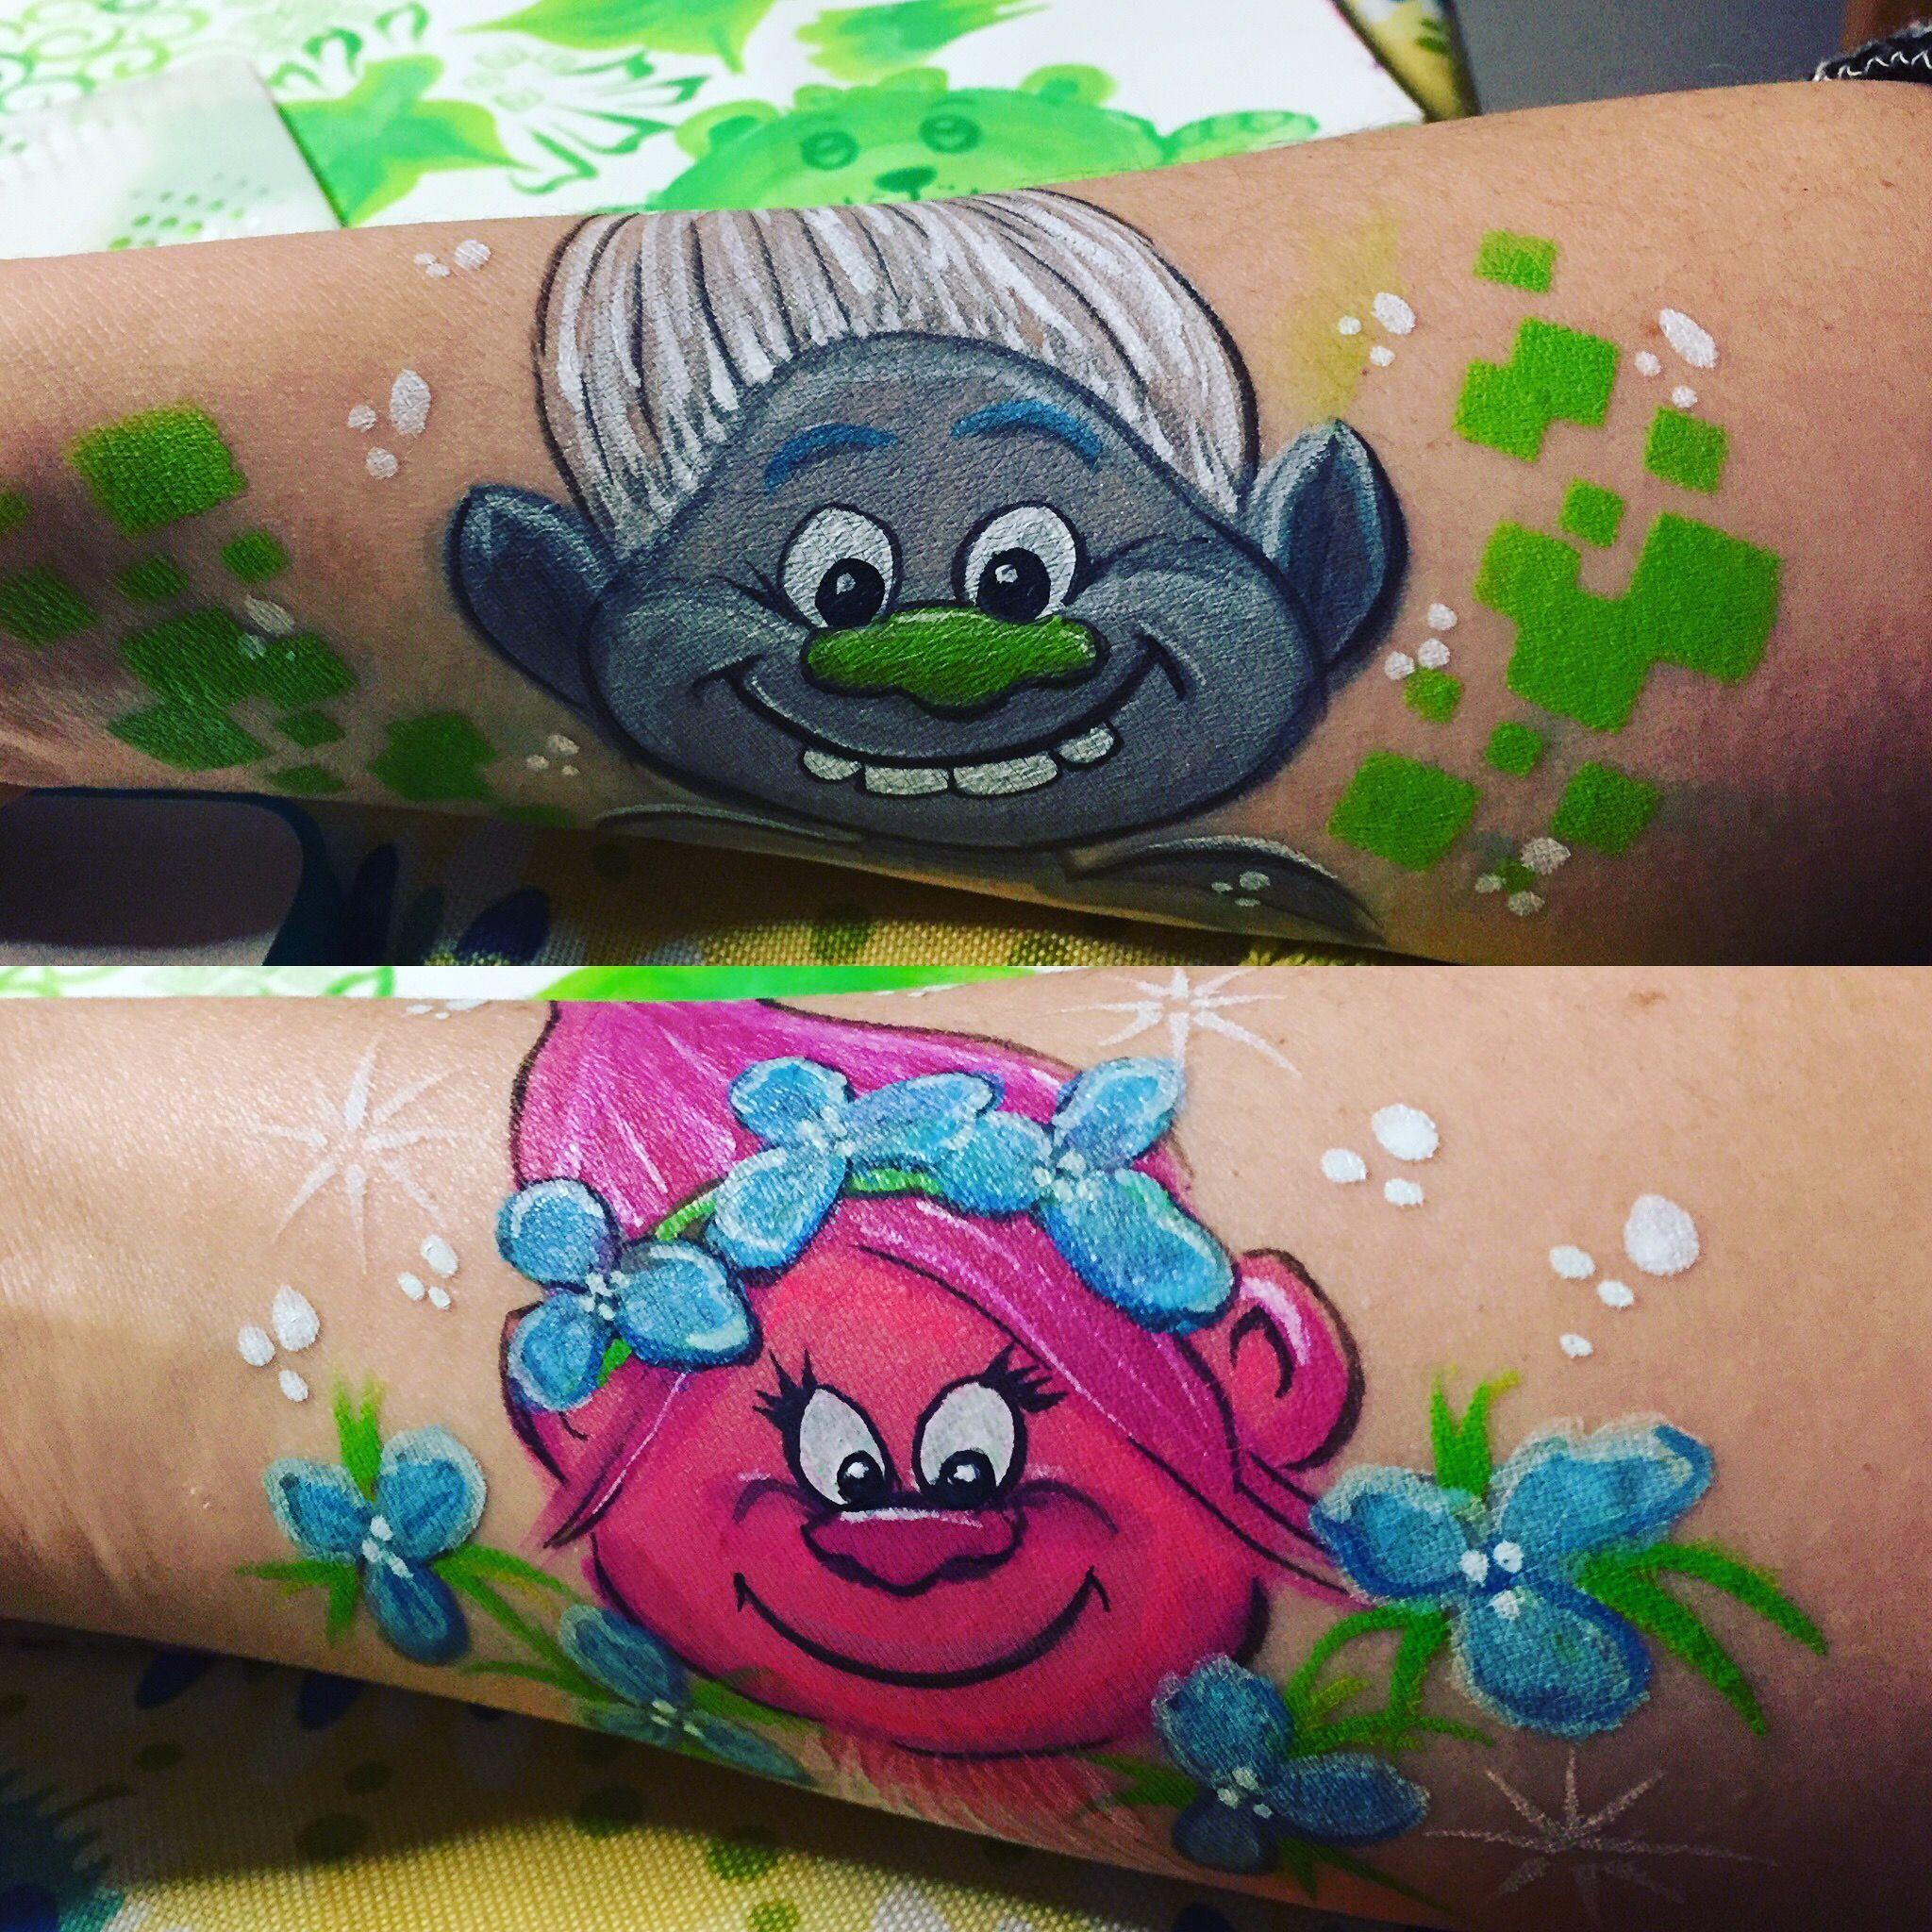 Trolls schmink | Schmink | Pinterest | Face, Face paintings and ...